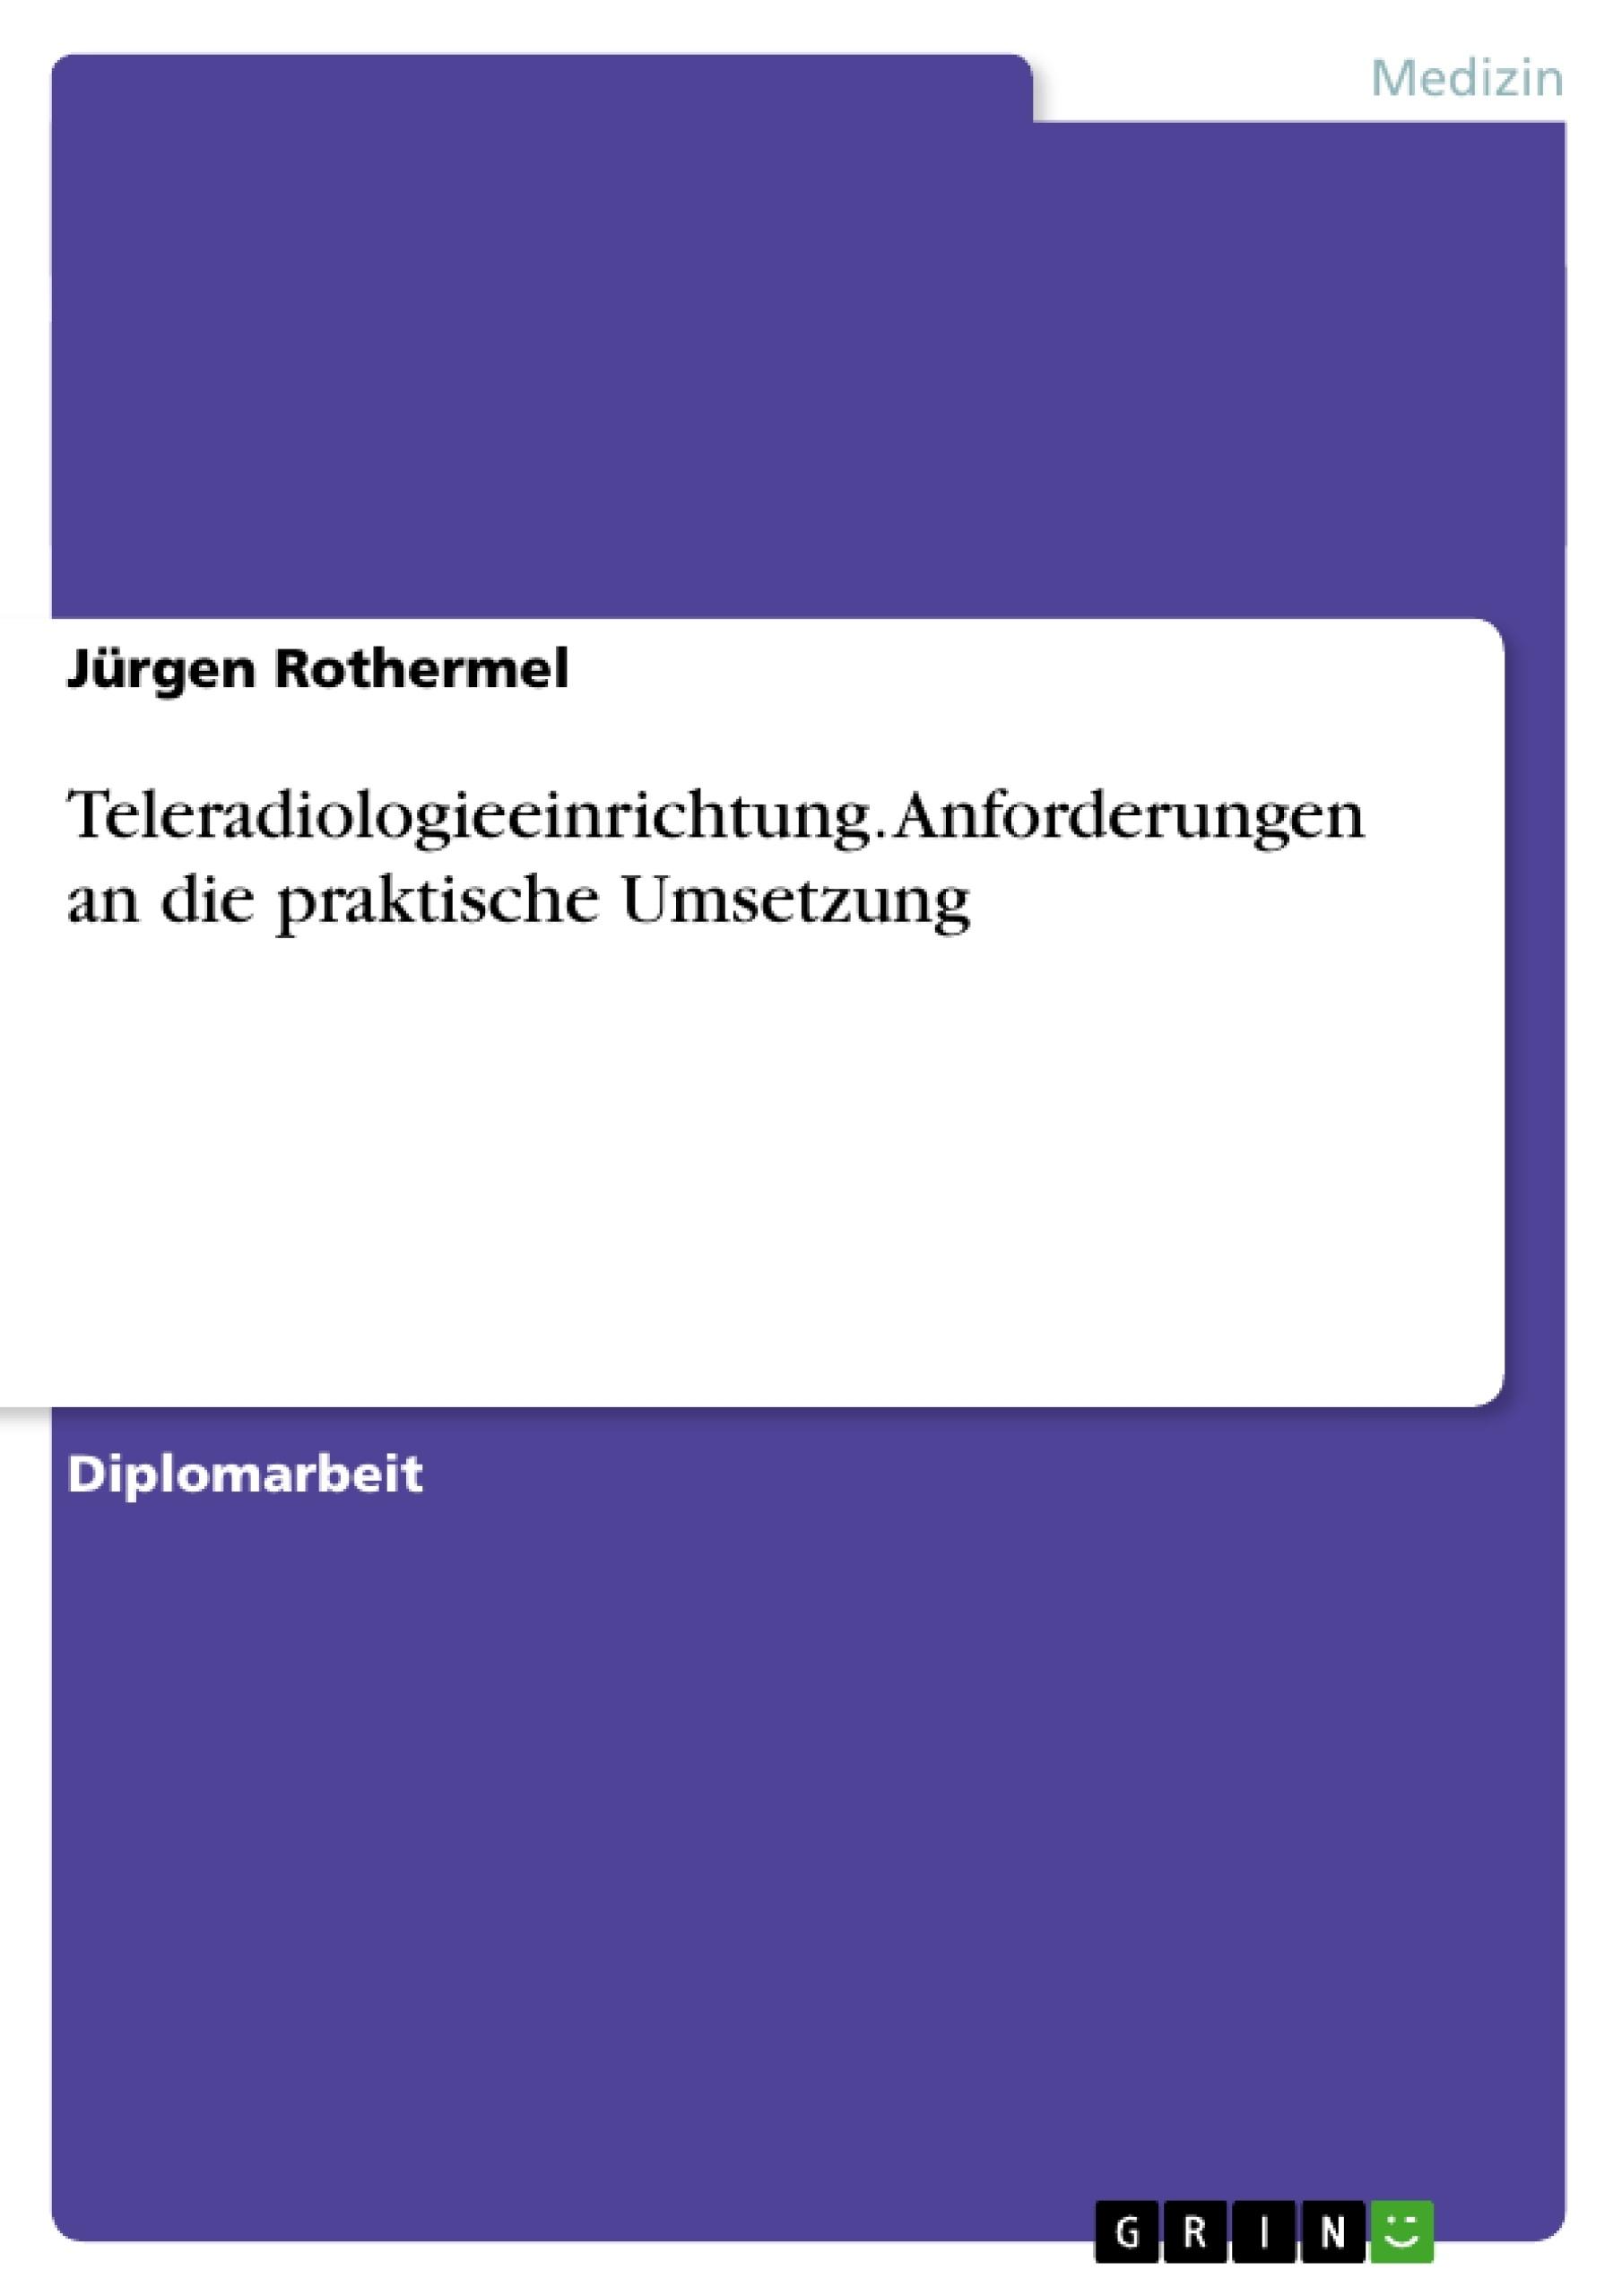 Titel: Teleradiologieeinrichtung. Anforderungen an die praktische Umsetzung